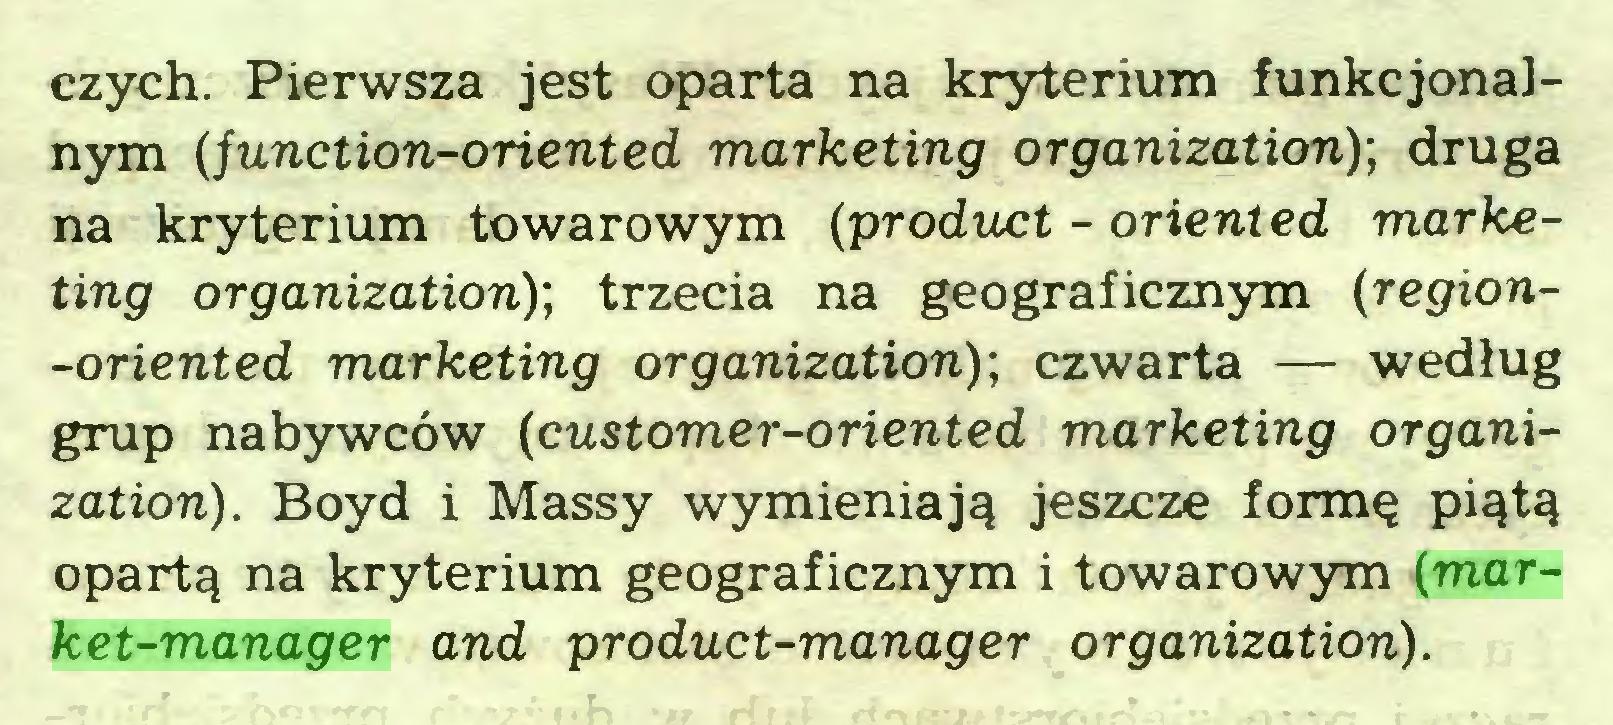 (...) czych. Pierwsza jest oparta na kryterium funkcjonalnym {junction-oriented marketing organization); druga na kryterium towarowym {product - oriented marketing organization); trzecia na geograficznym {region-oriented marketing organization)-, czwarta — według grup nabywców {customer-oriented marketing organization). Boyd i Massy wymieniają jeszcze formę piątą opartą na kryterium geograficznym i towarowym {market-manager and product-manager organization)...